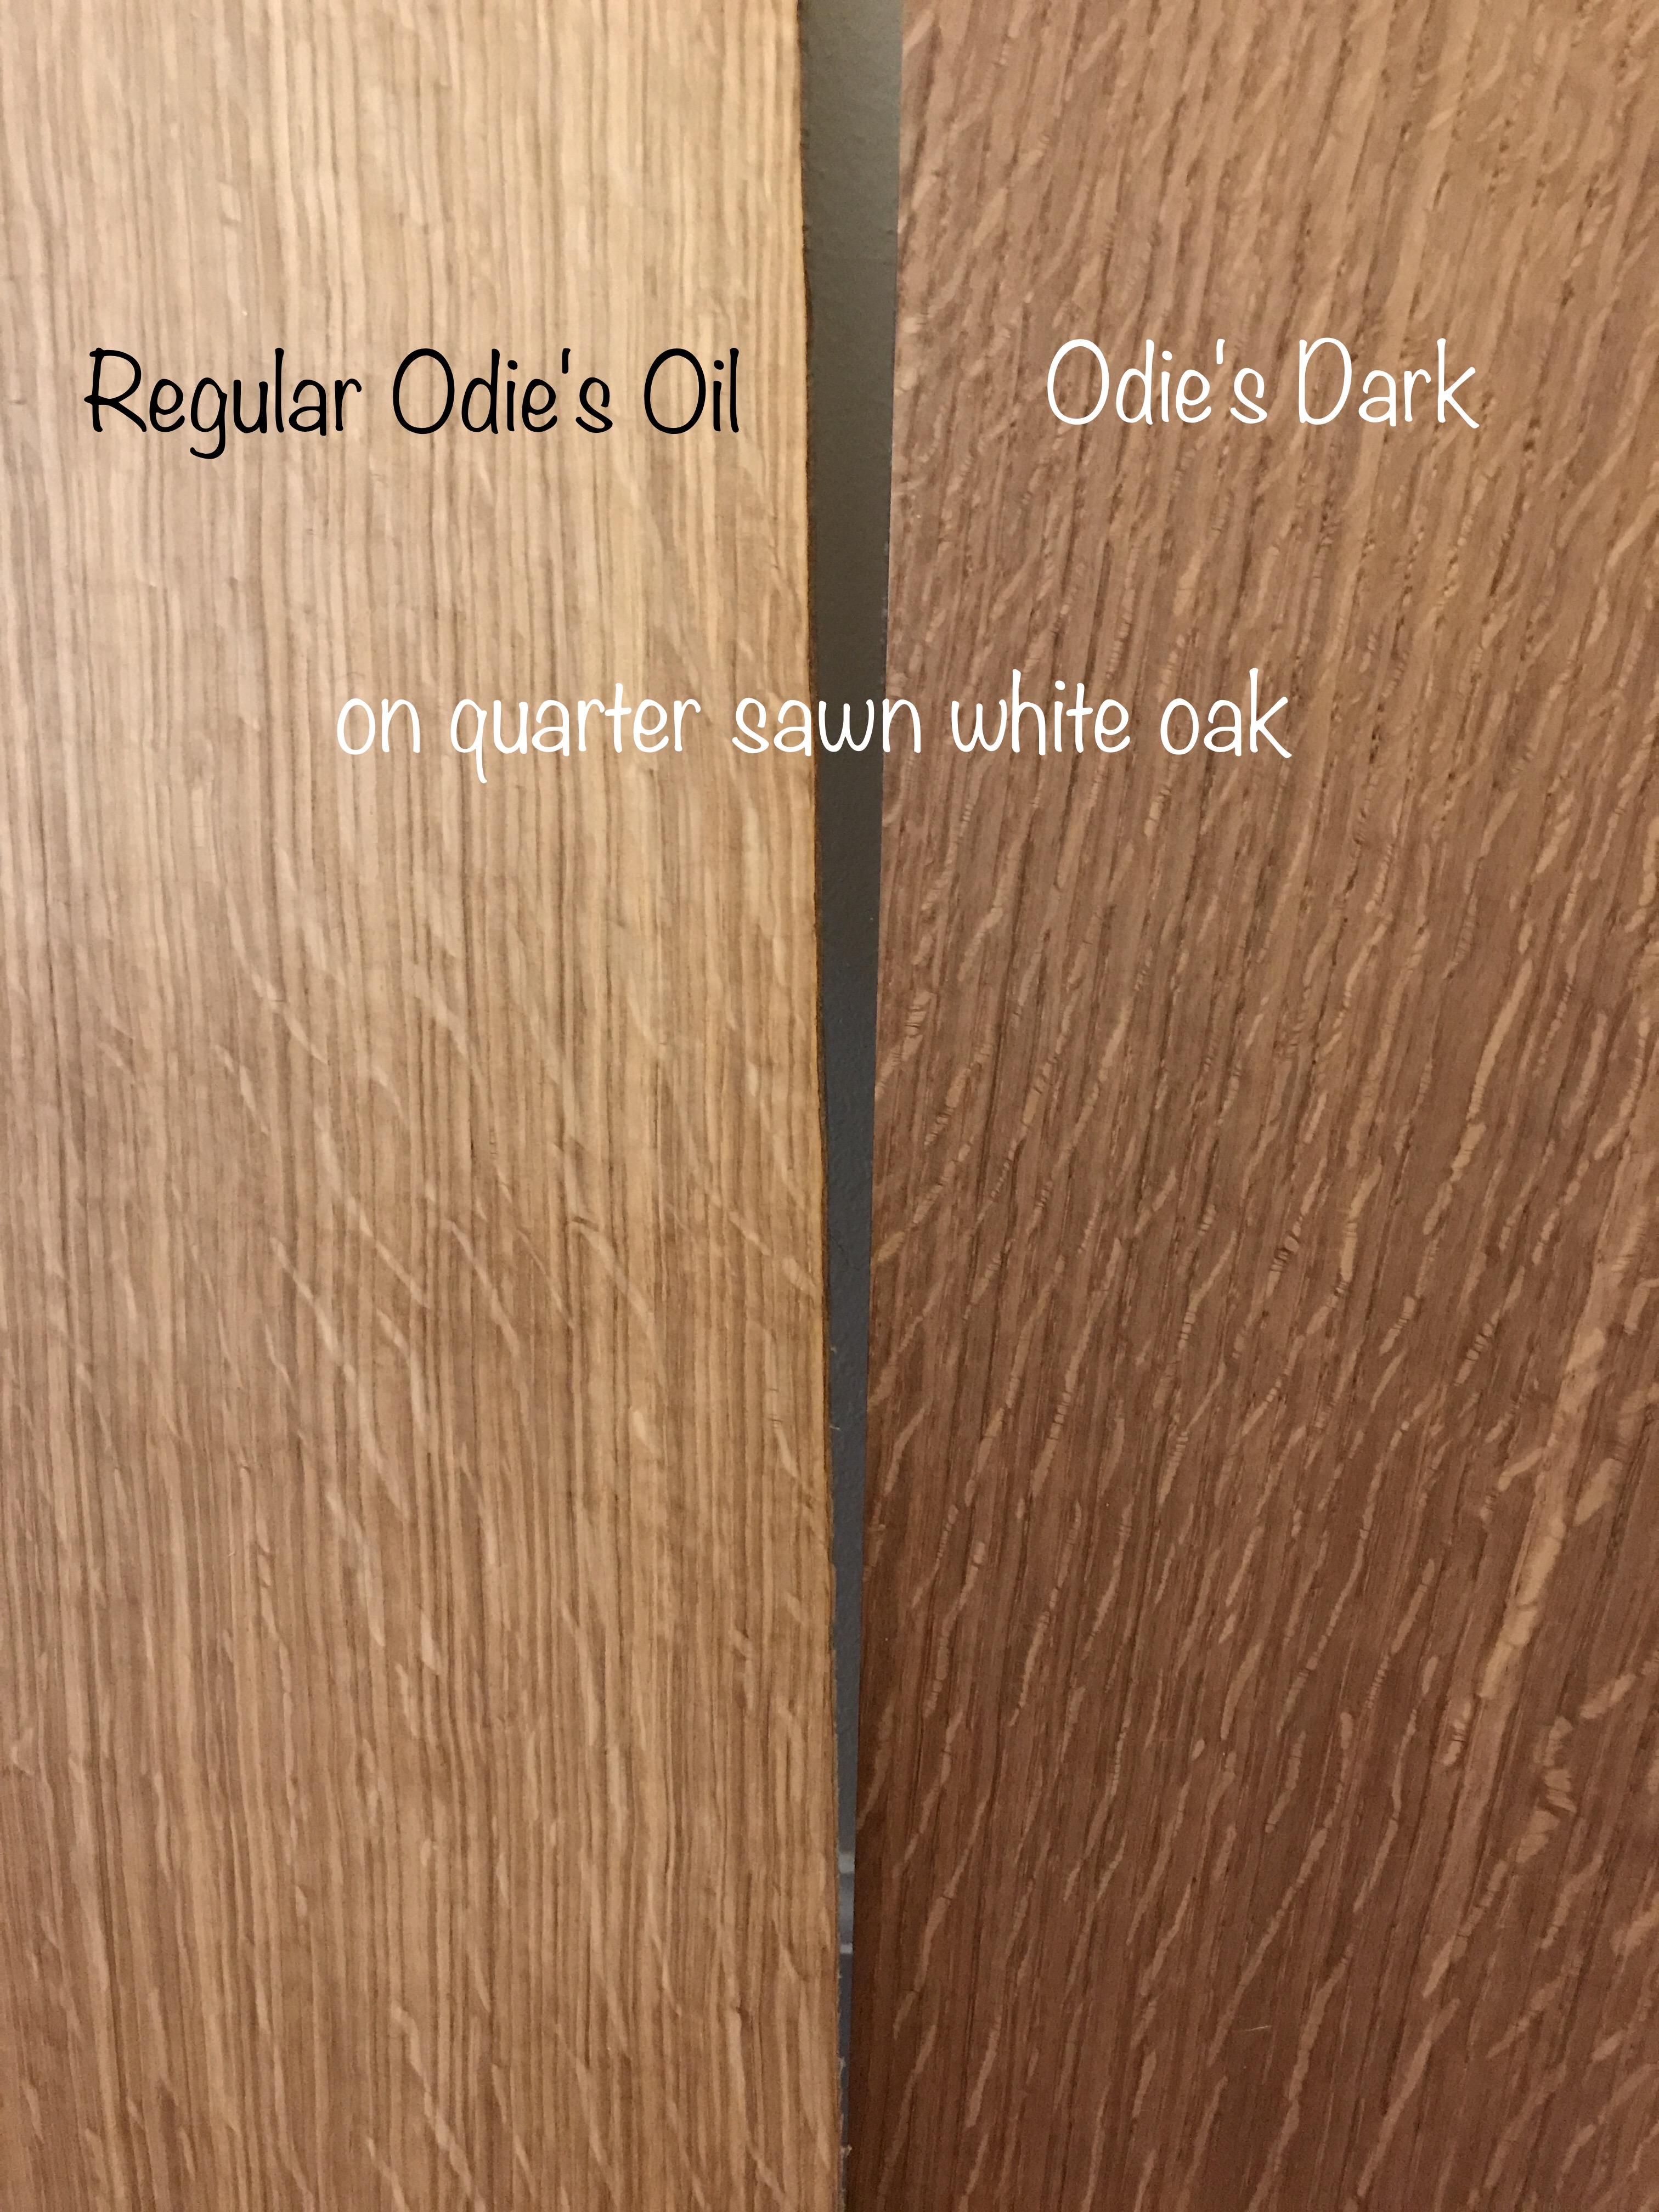 odie-s-oil-vs-odie-s-dark-on-white-oak.jpg